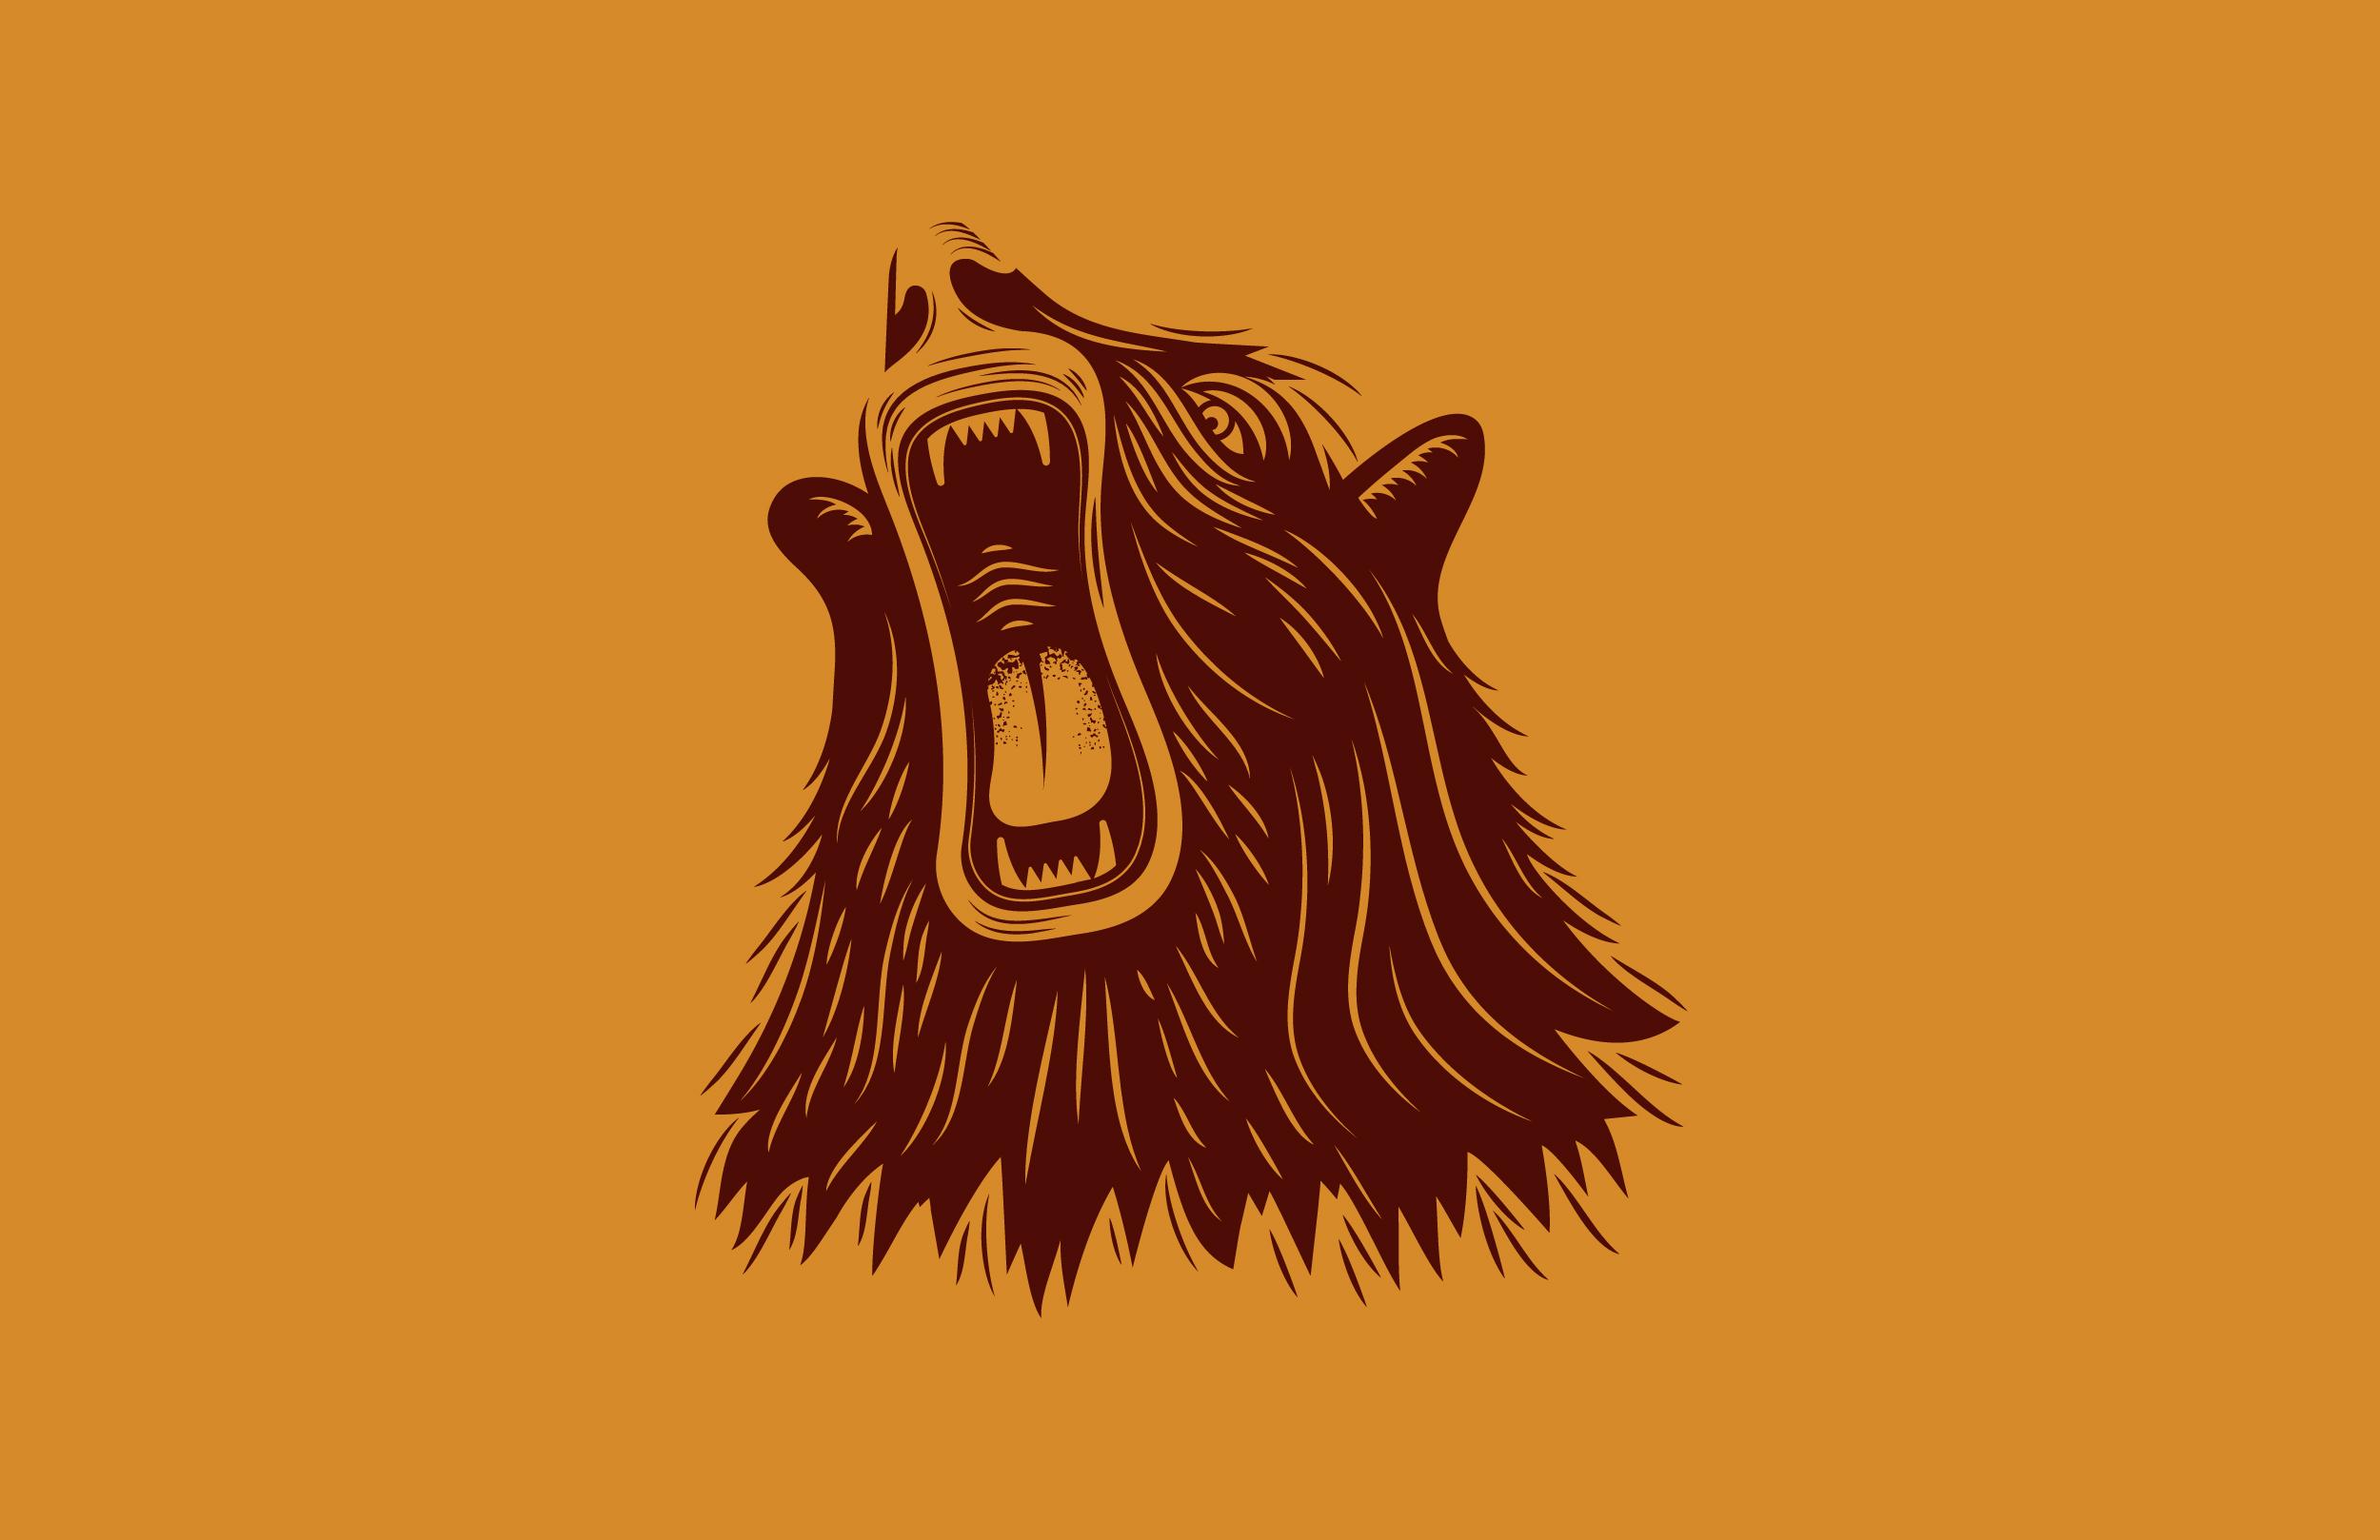 246-1635_branded-apparel_bear_01.jpg